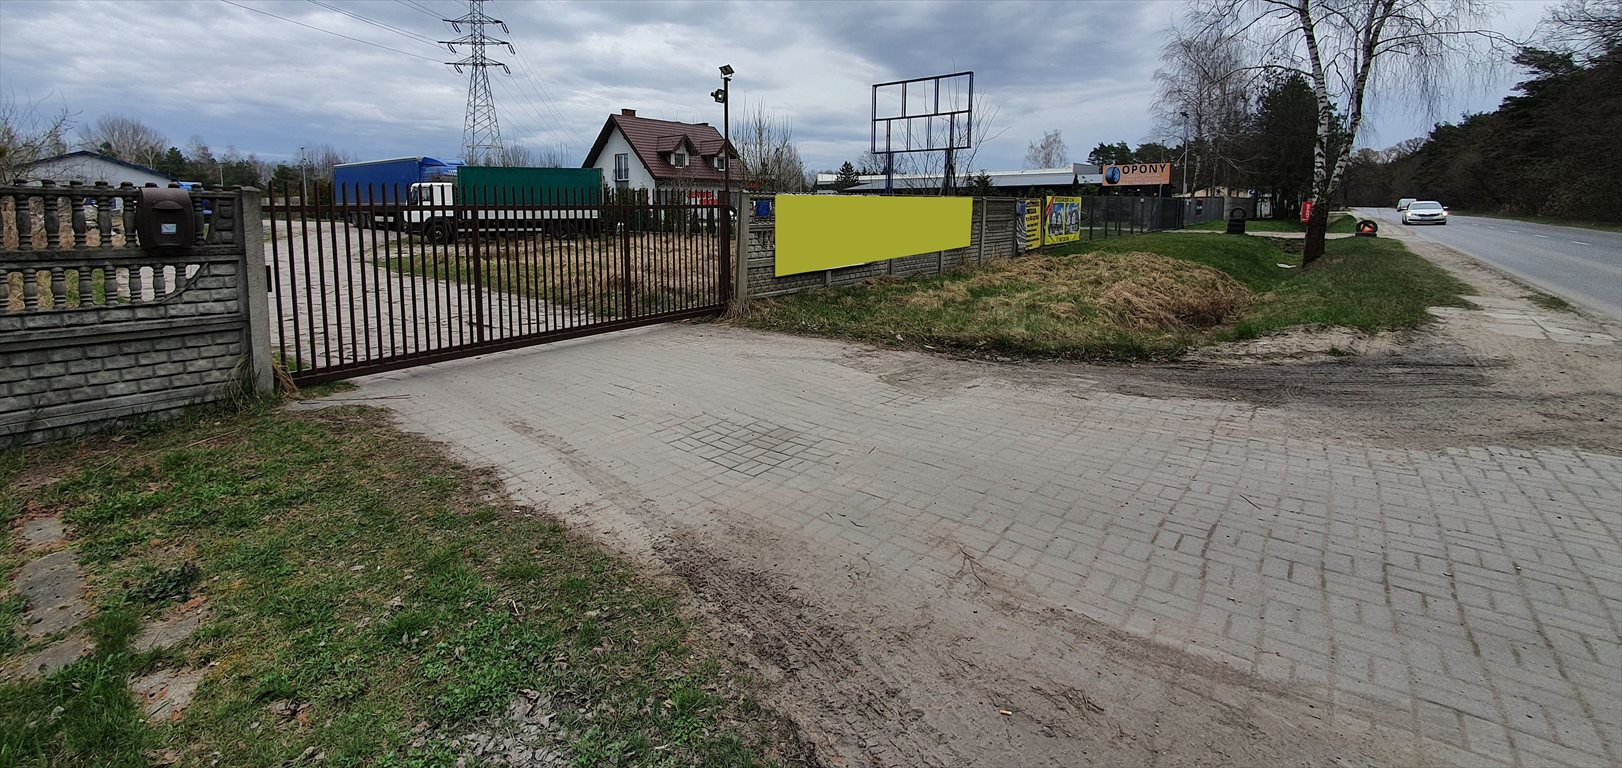 Lokal użytkowy na wynajem Łódź, Polesie, Łódź  350m2 Foto 2